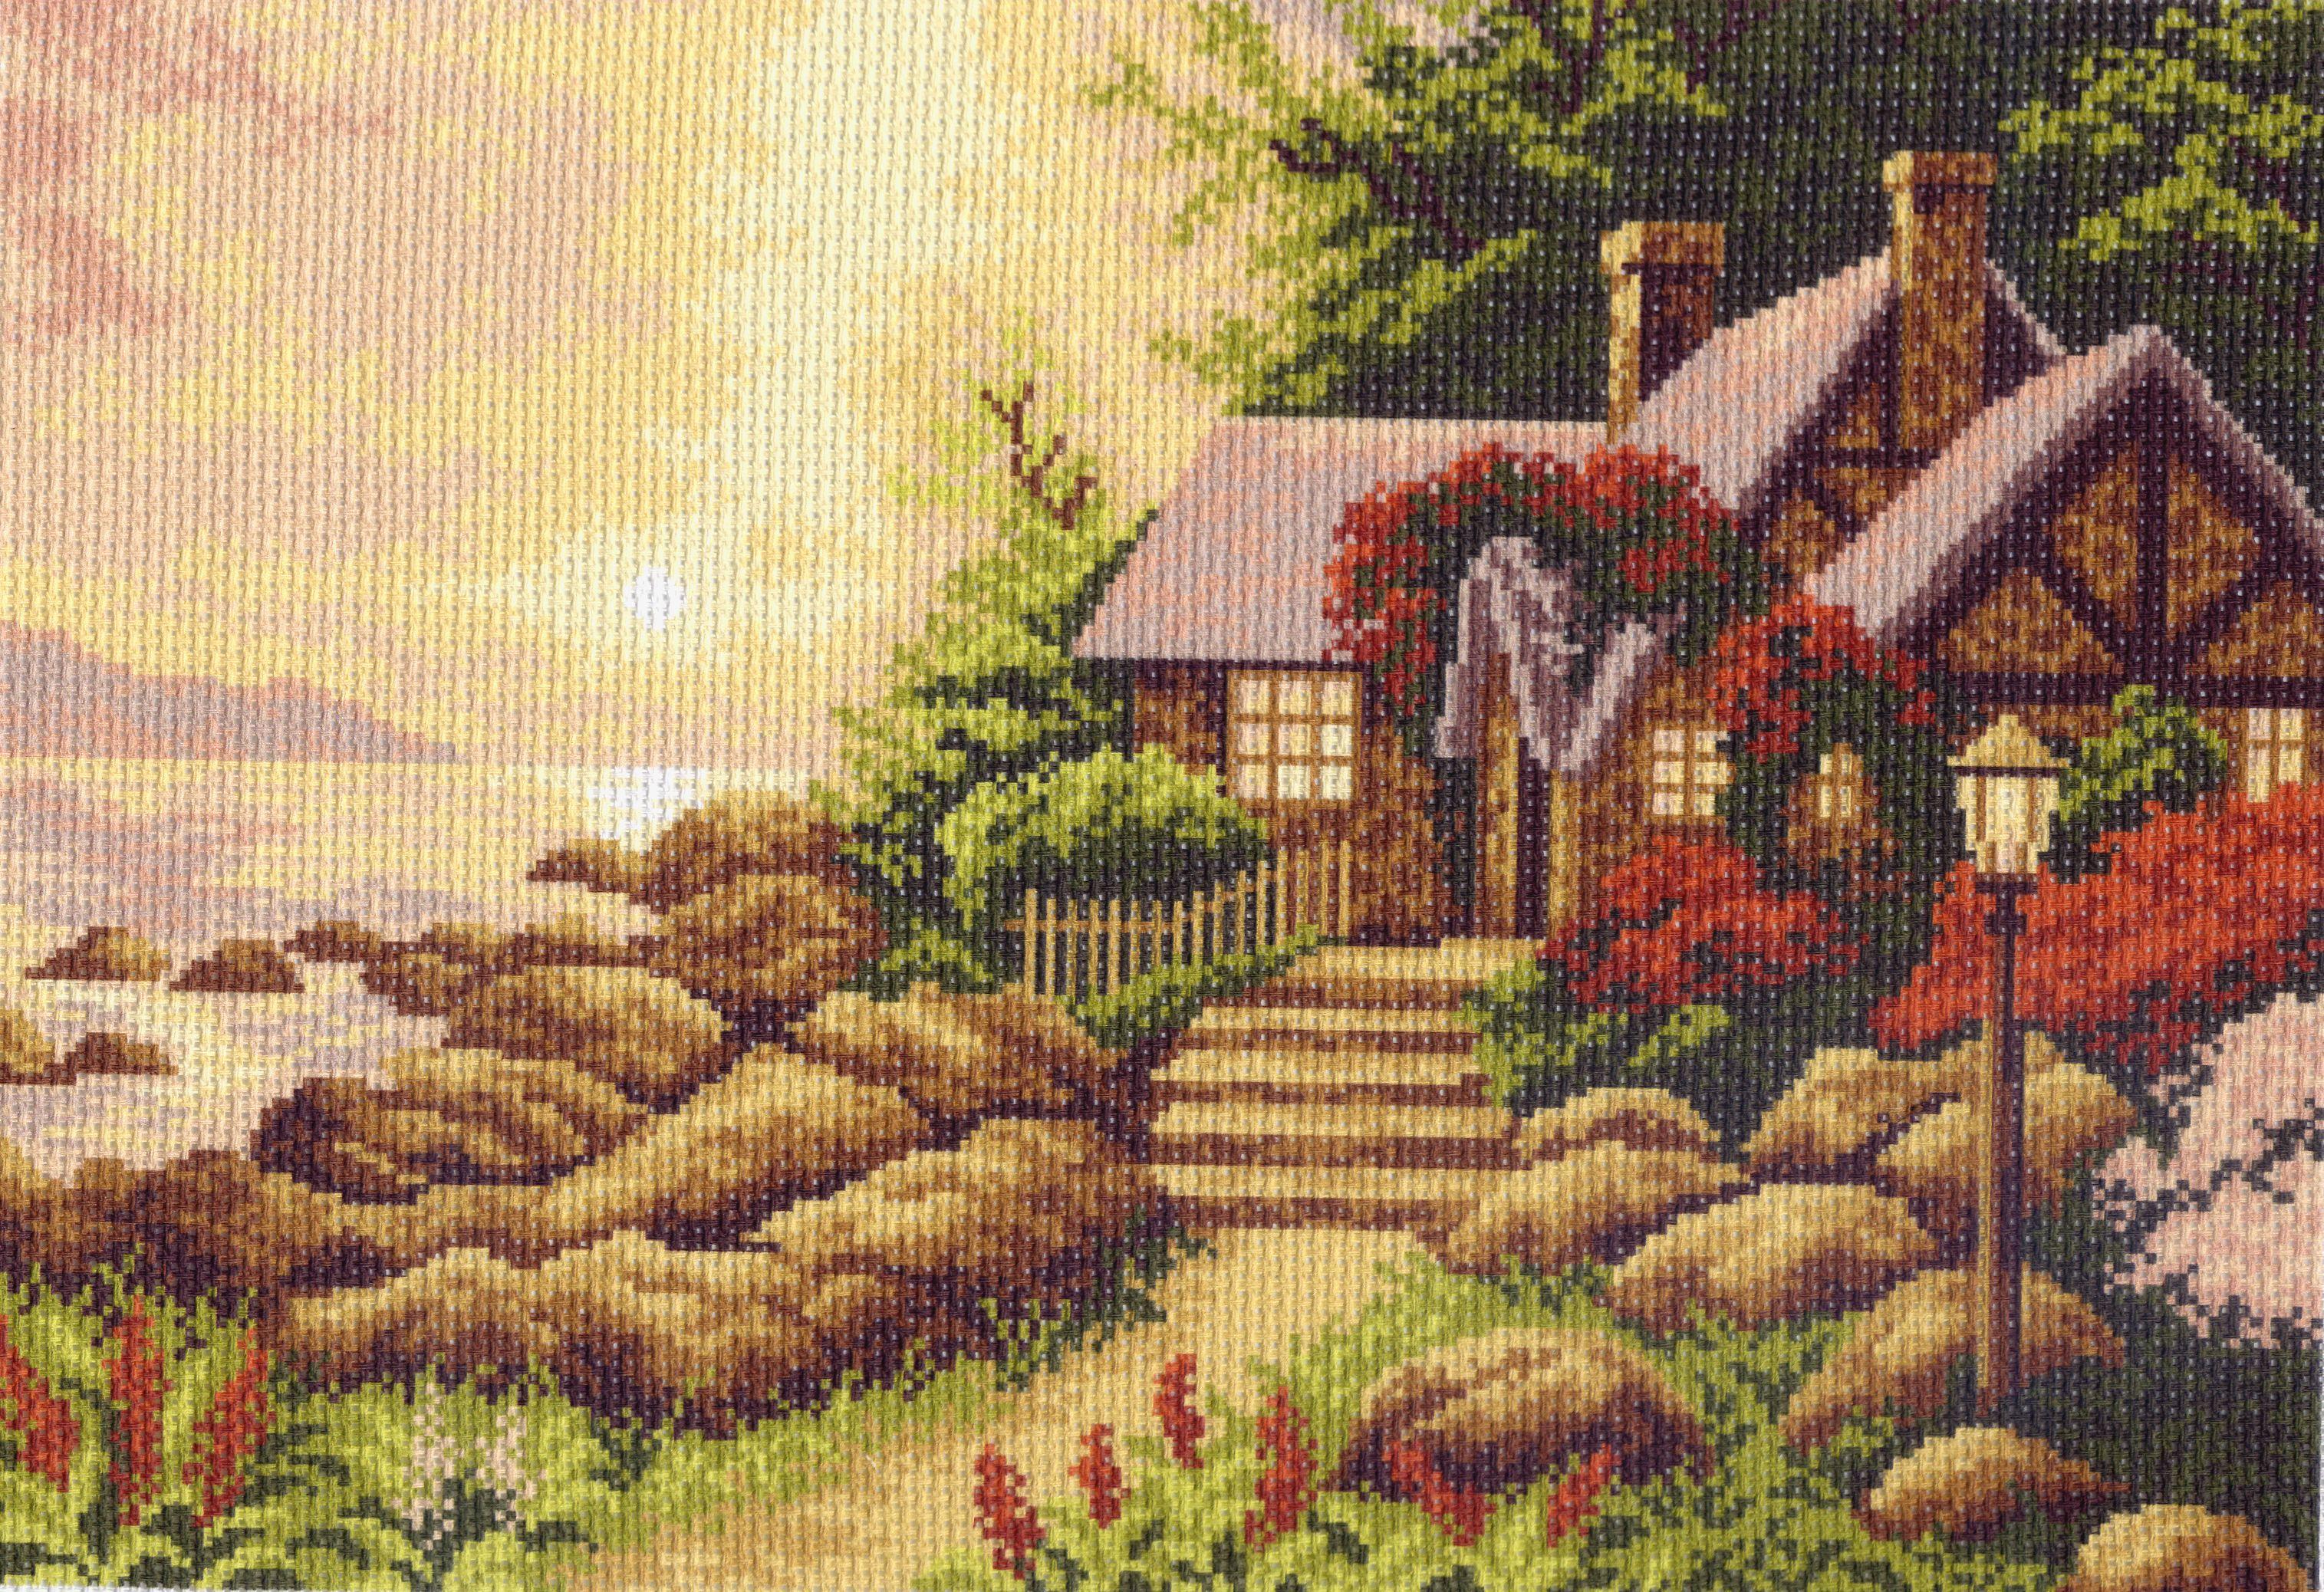 Вышивки крестиком с рисунком на канве